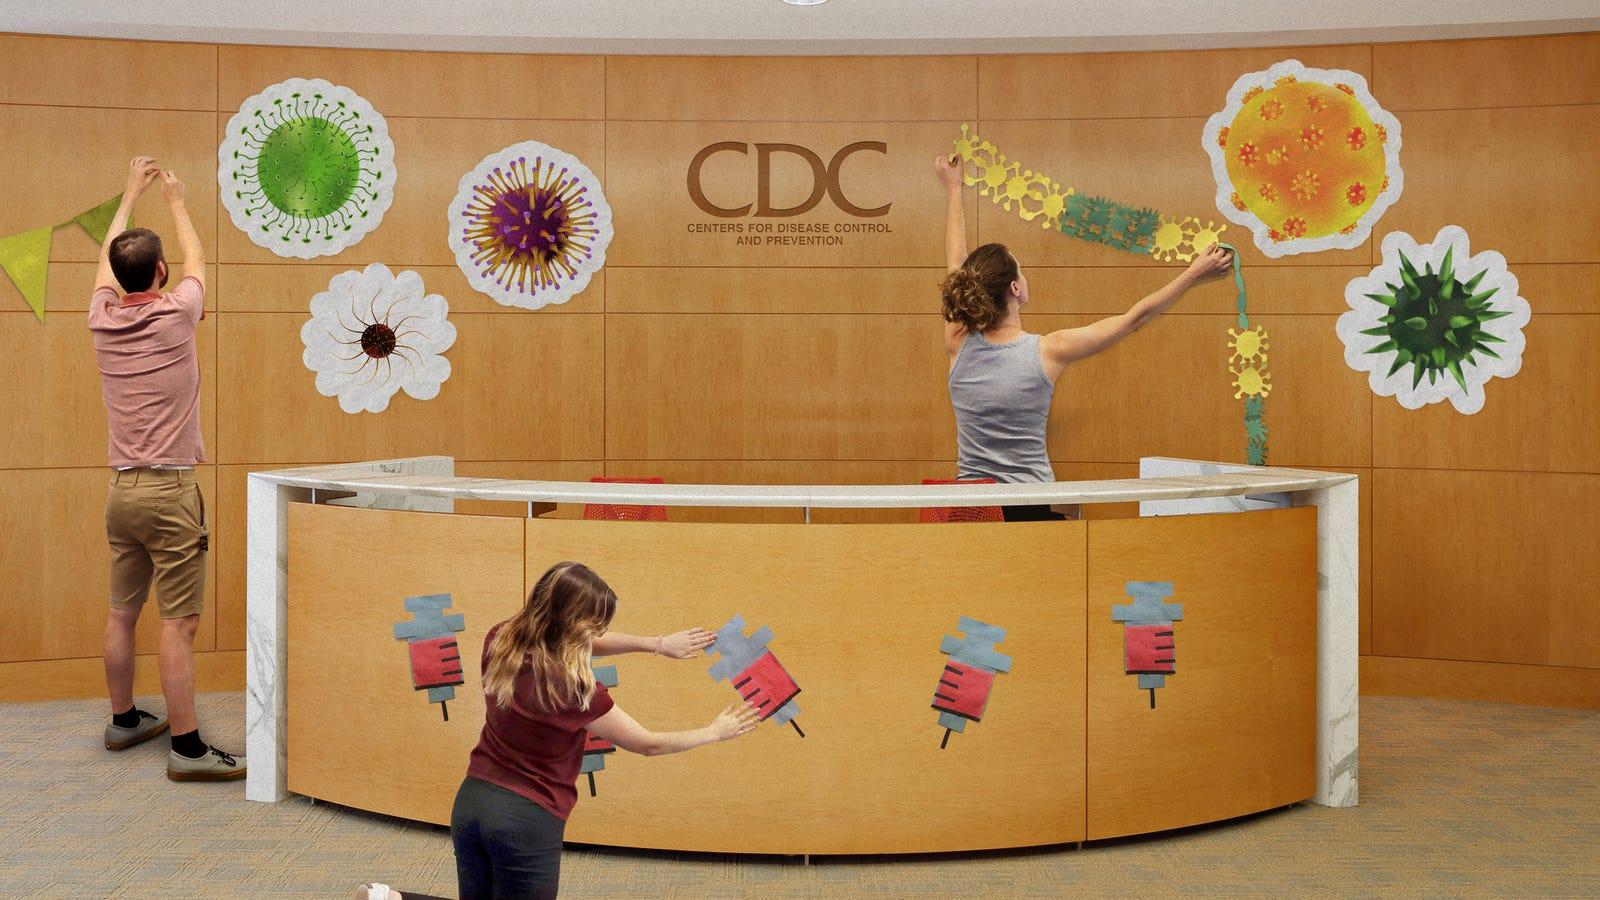 Aufgeregt CDC-Mitarbeiter Beginnen, die Dekoration Für eine Grippe-Saison